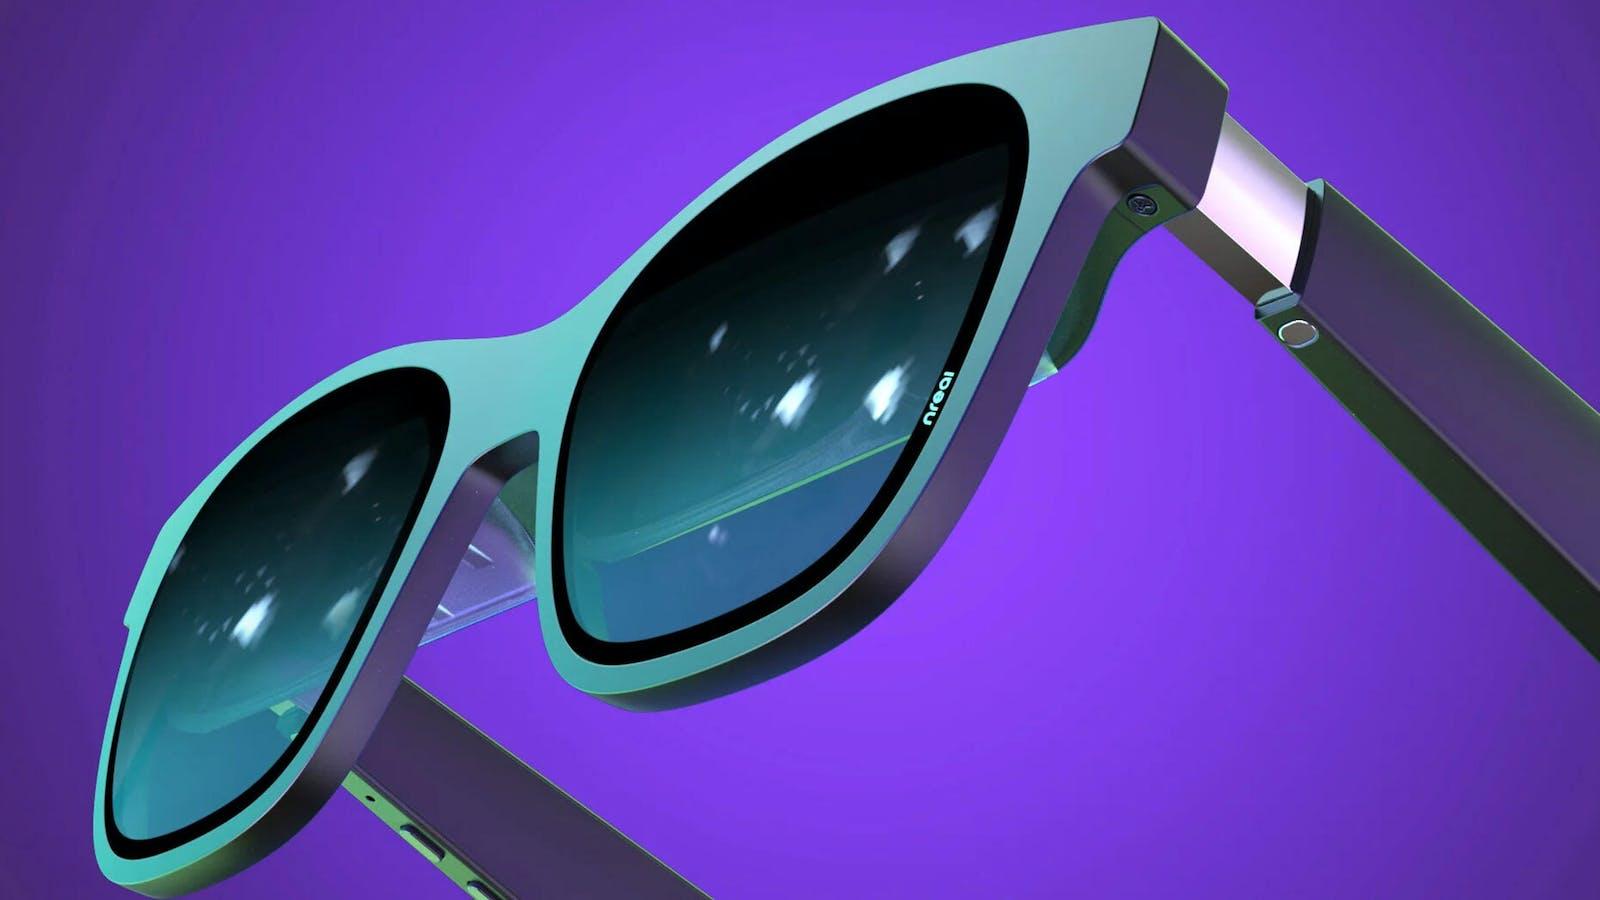 A close-up look at Nreal's new Air glasses. Credit: Nreal